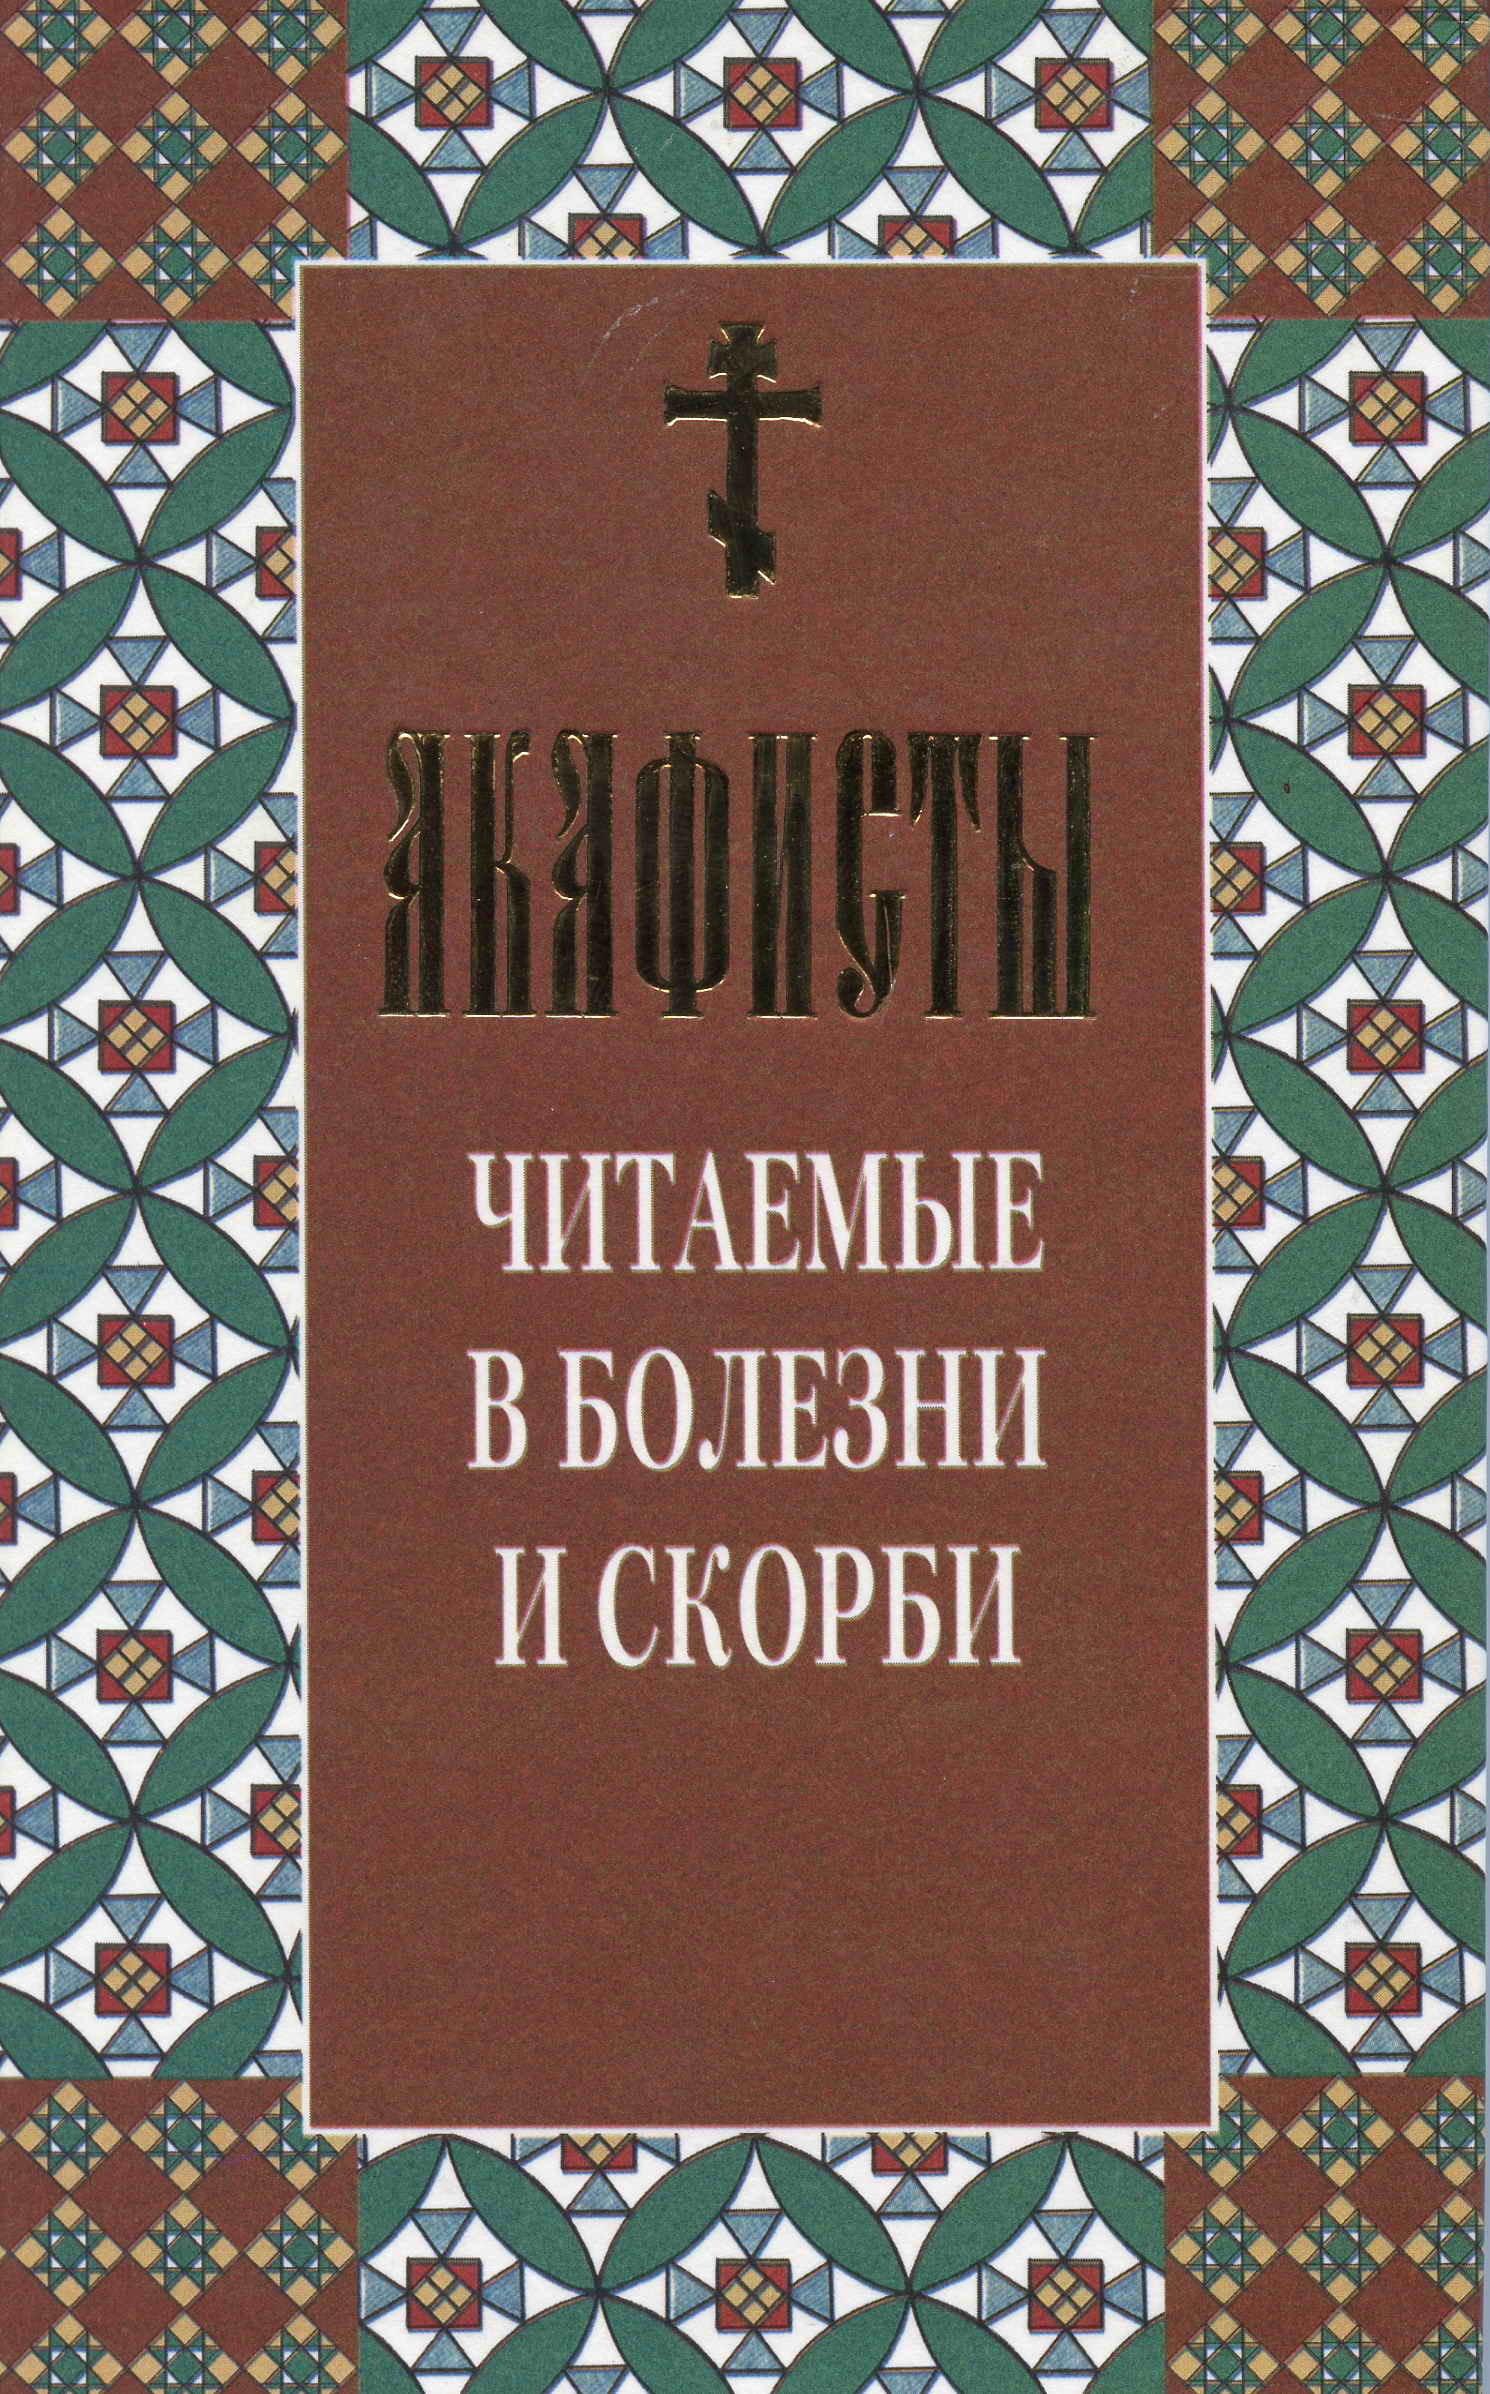 Сборник Акафисты читаемые в болезни и скорби акафисты божией матери и святым малый формат